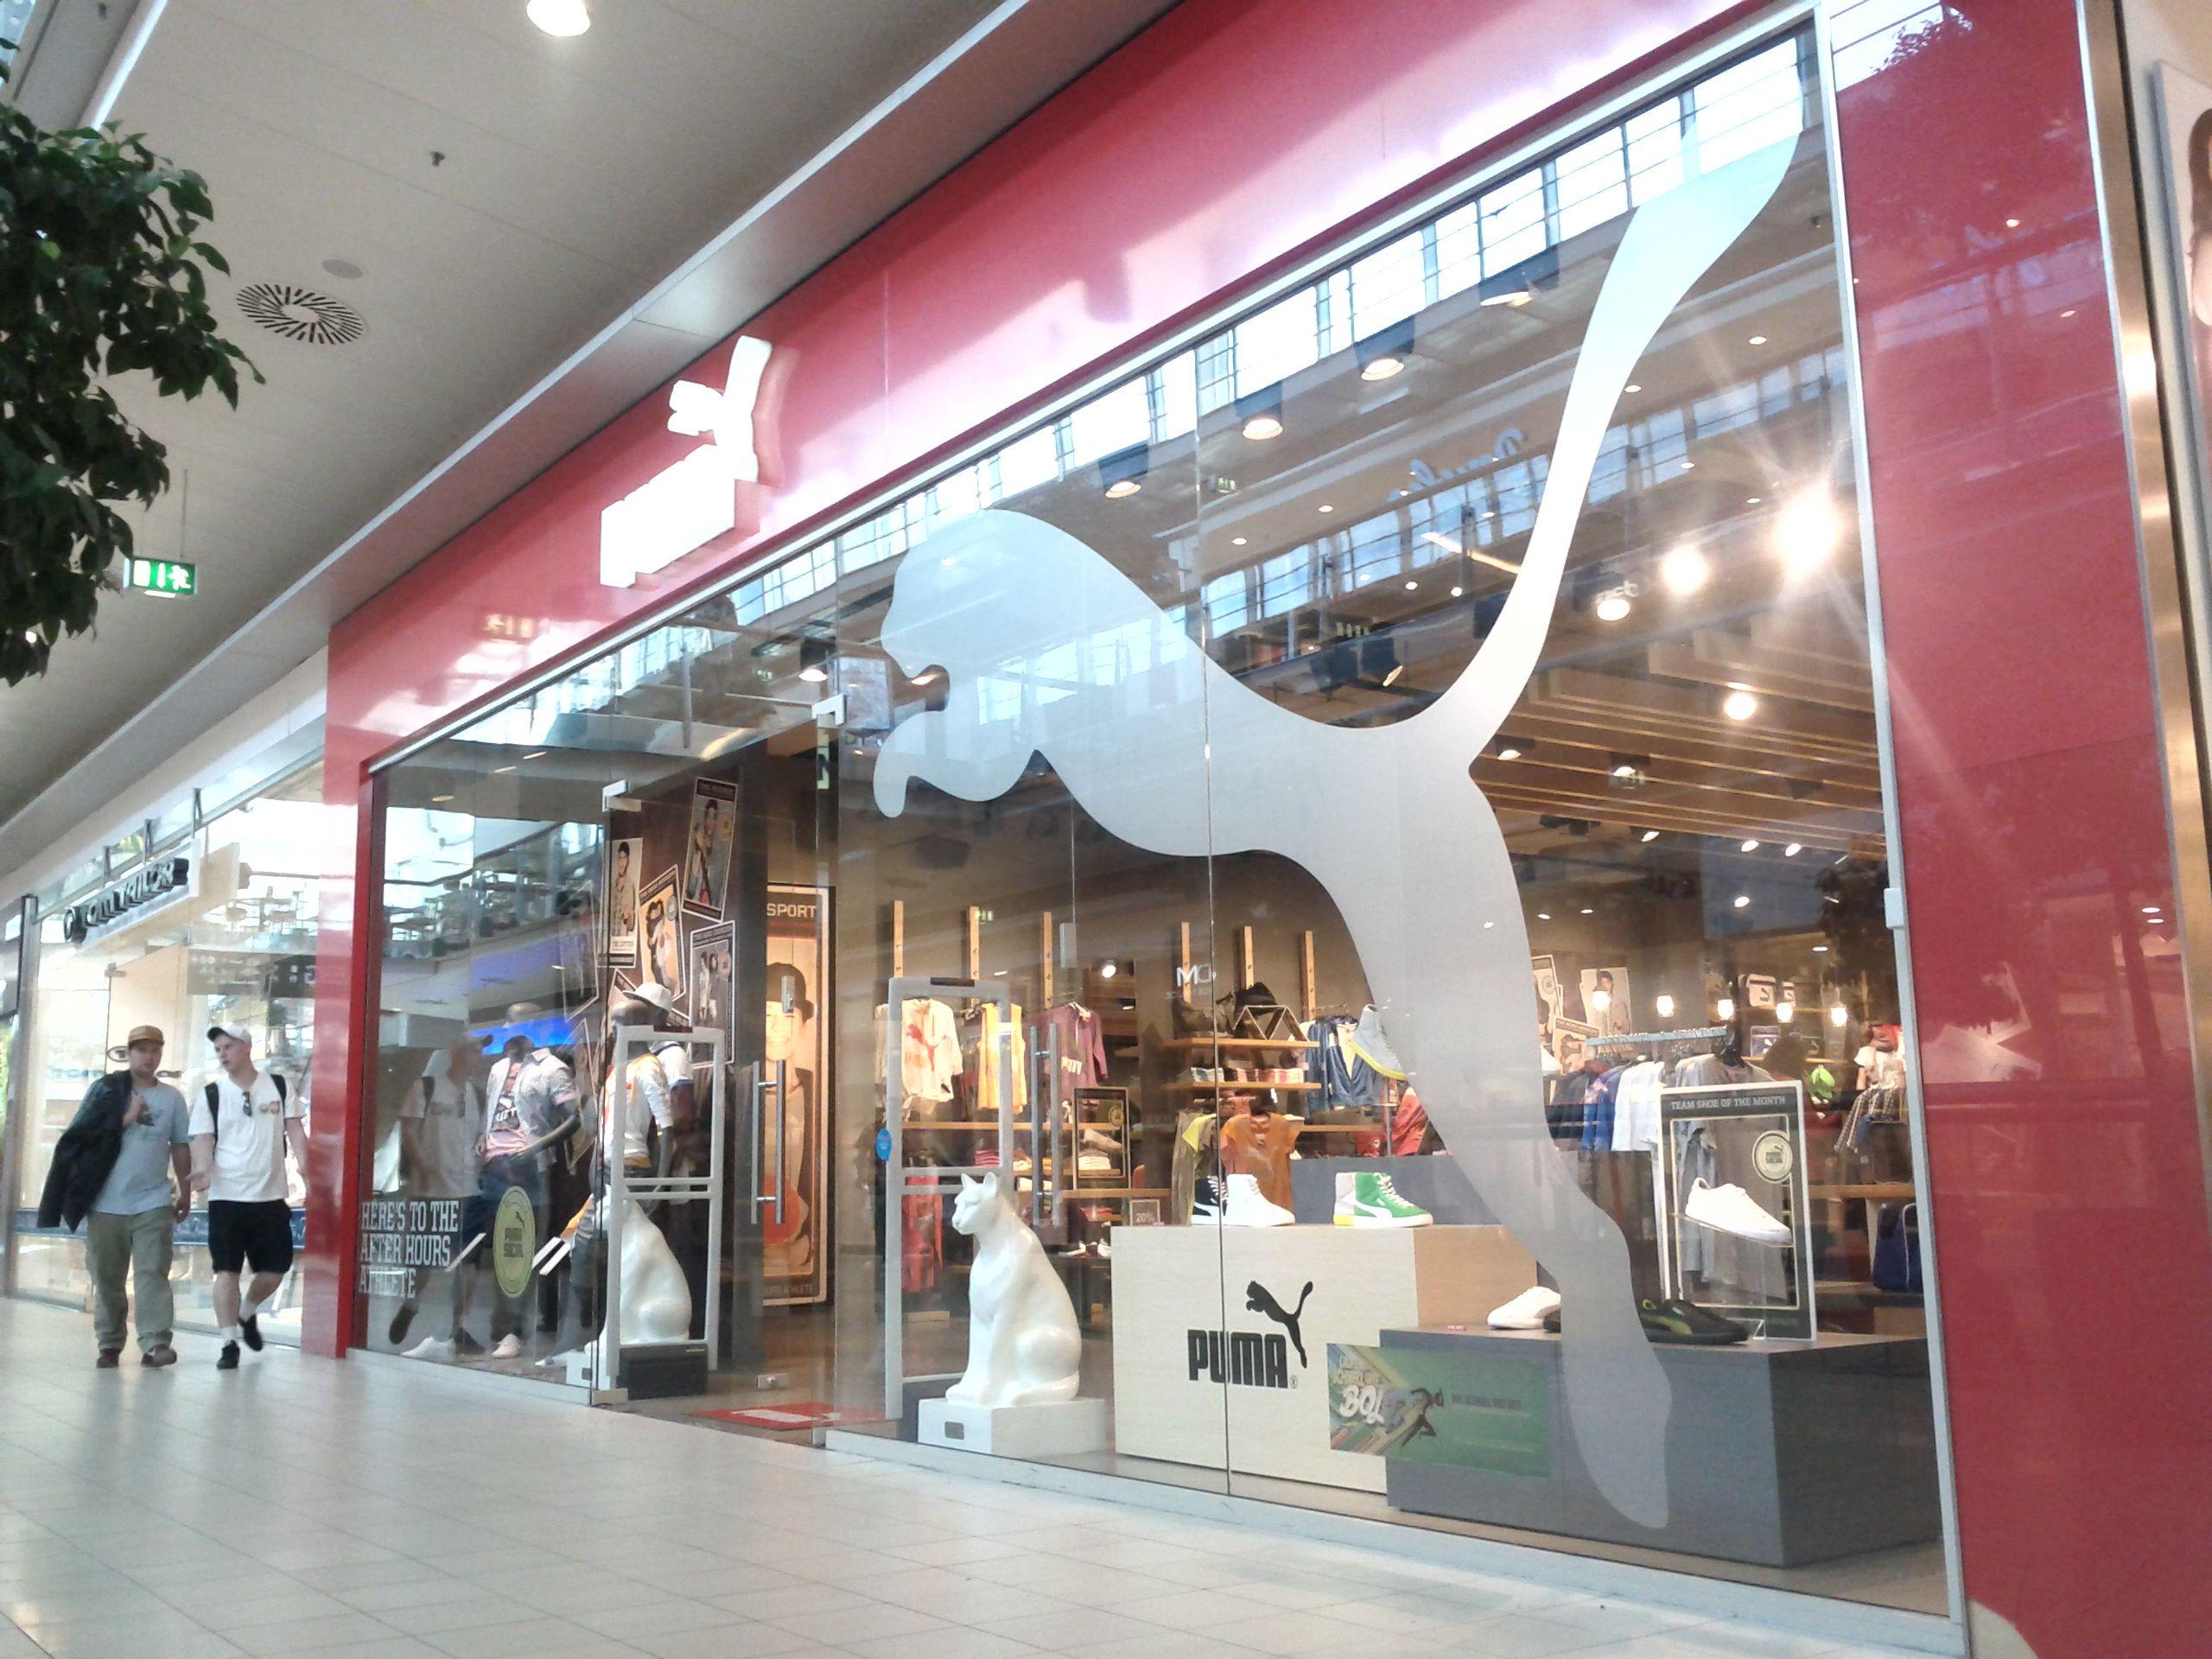 The puma store donauzentrum vienna austria